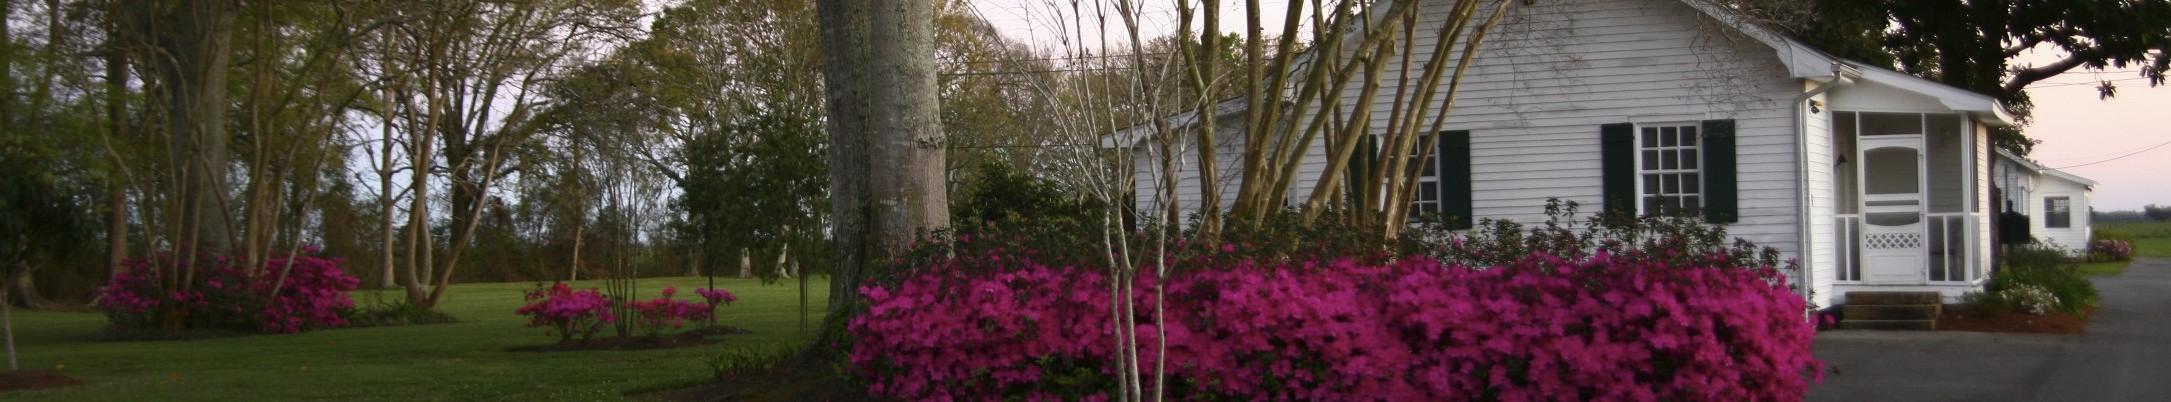 Cottage 6 gardens